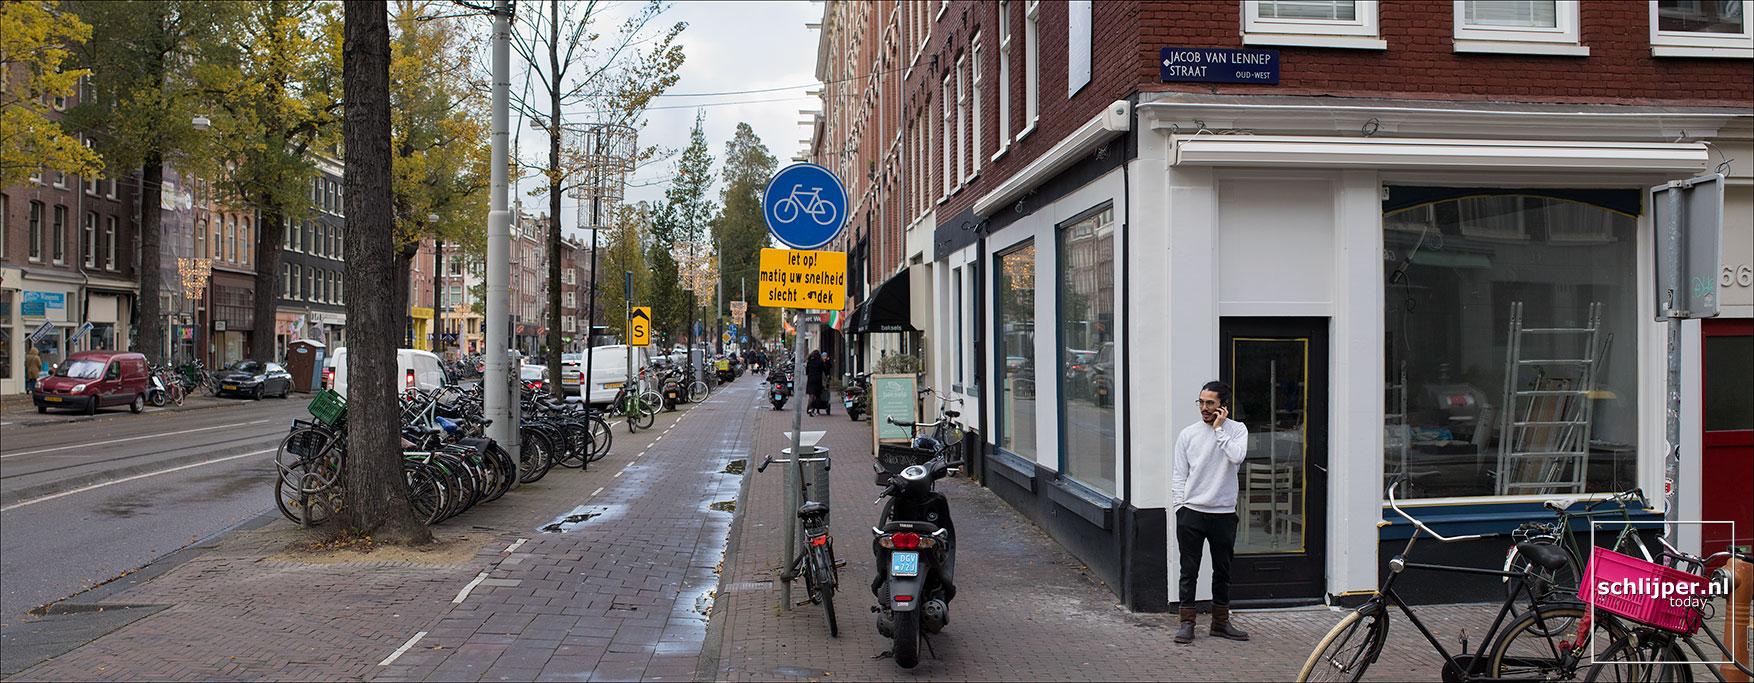 Nederland, Amsterdam, 10 november 2017